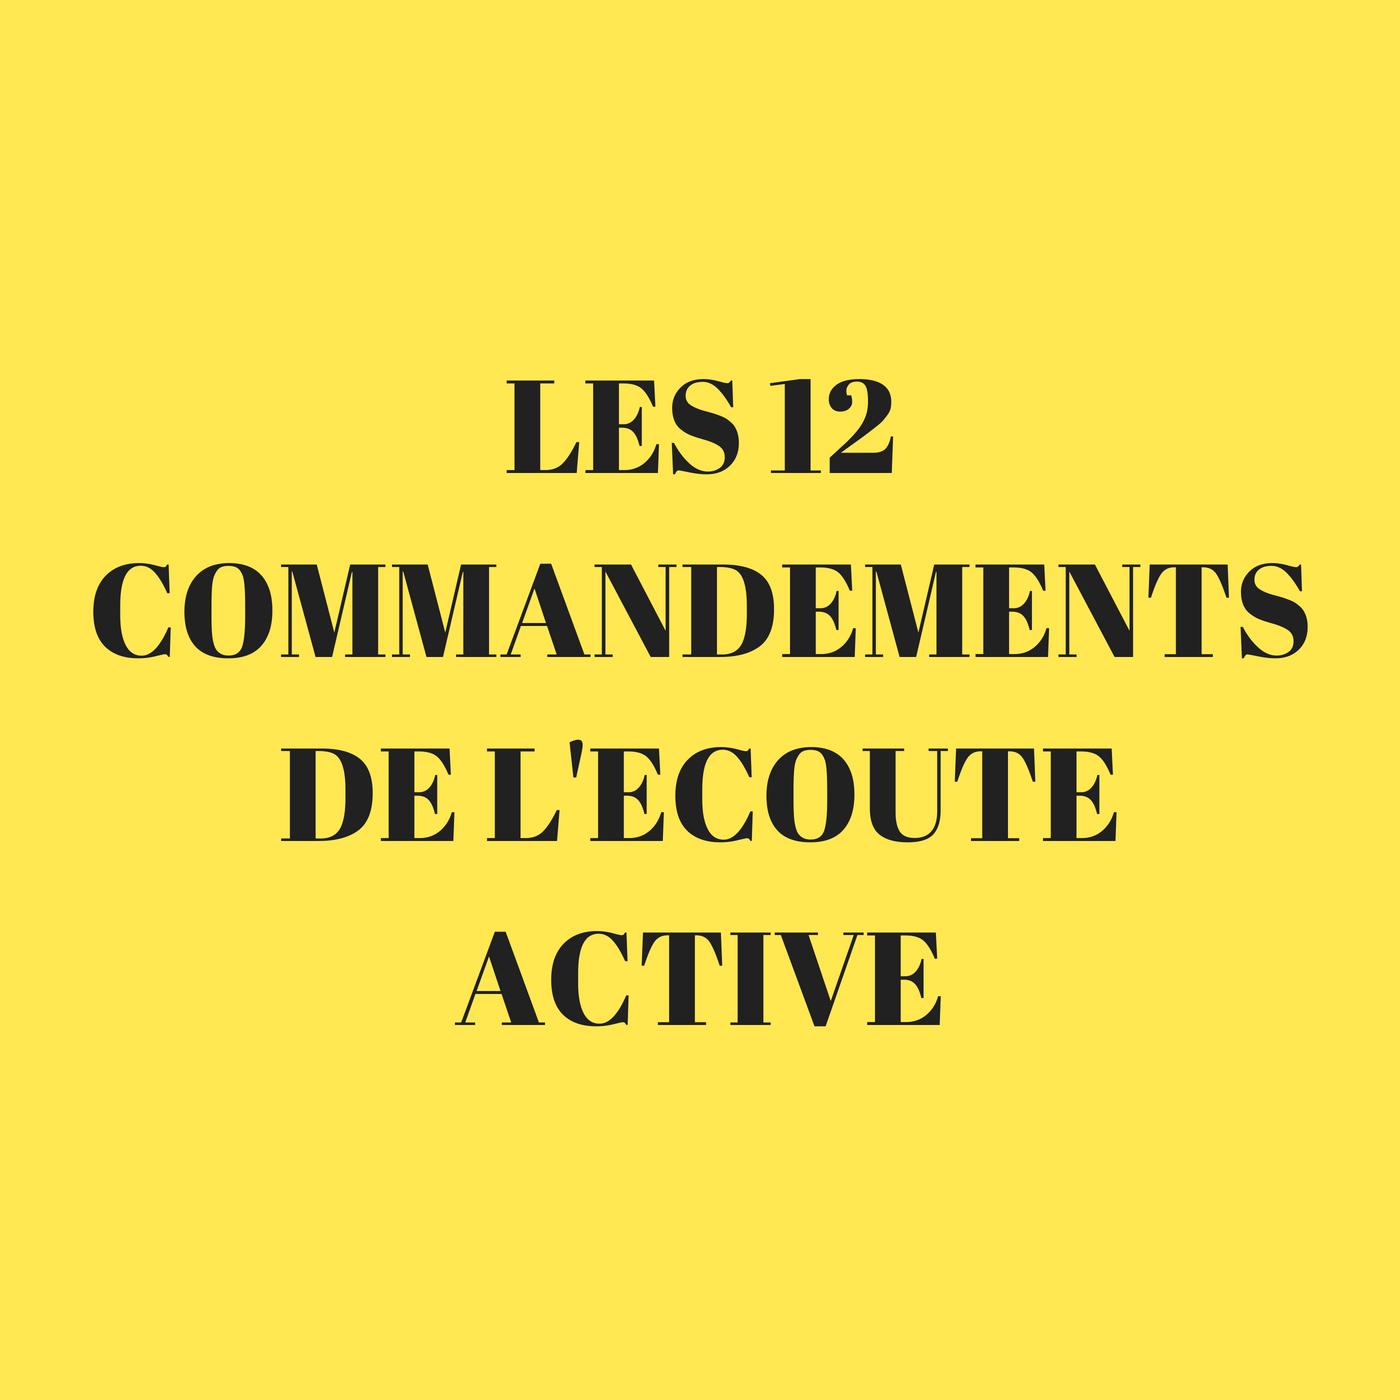 Les 12 commandements de l'écoute active